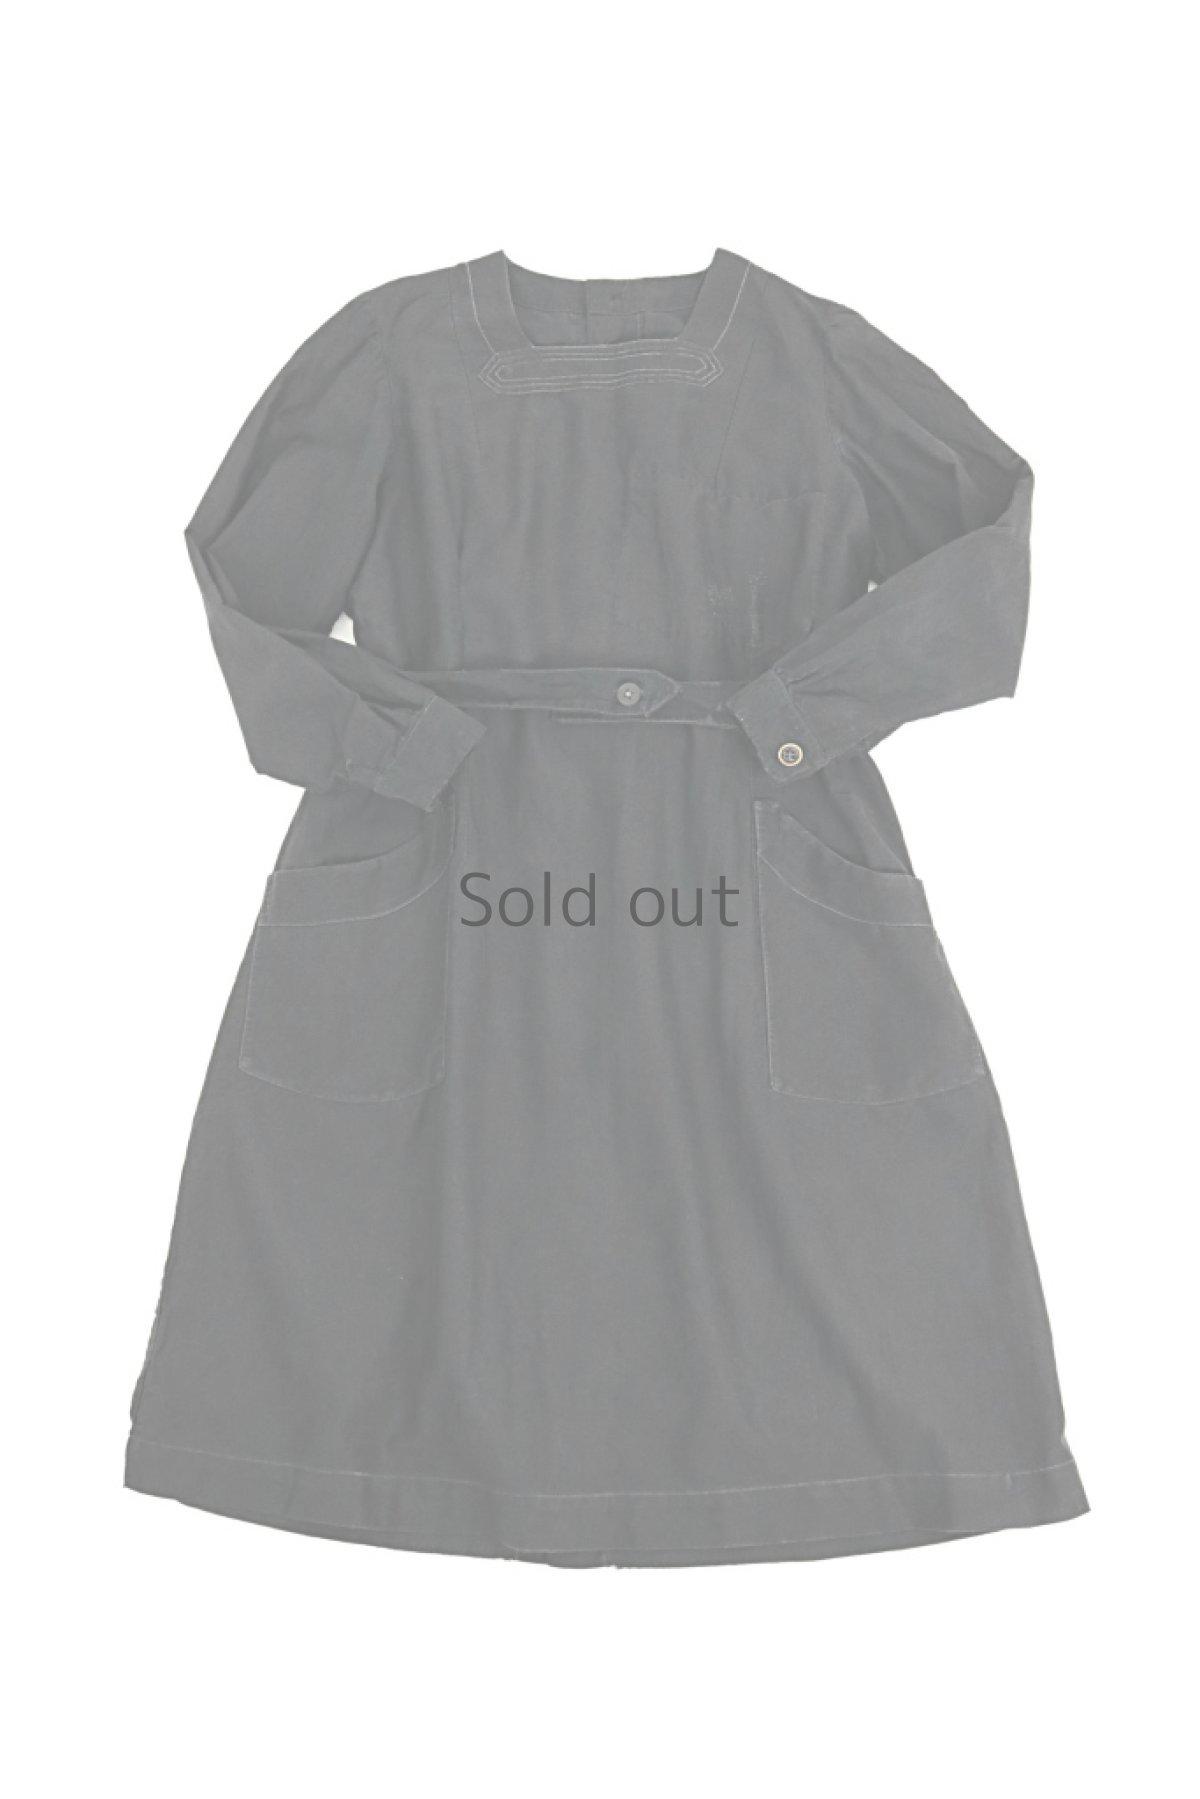 画像1: 【フランス】1940年代頃 後ろボタン ブラックワークドレス(割烹着スタイル) (1)